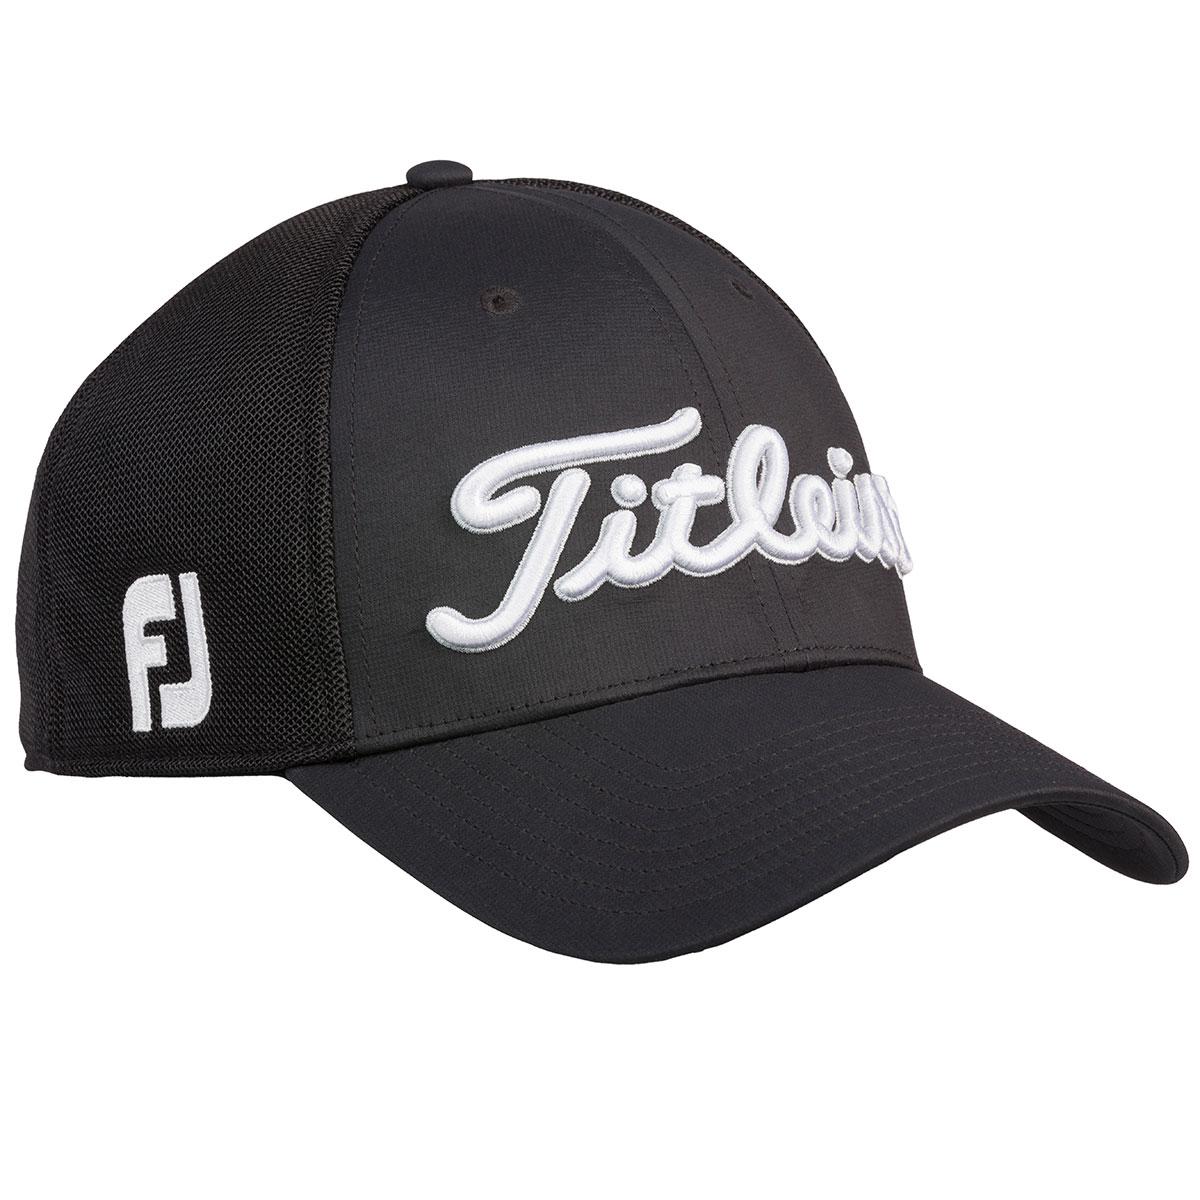 a0d4d9e832a Titleist Tour Sports Mesh Cap from american golf